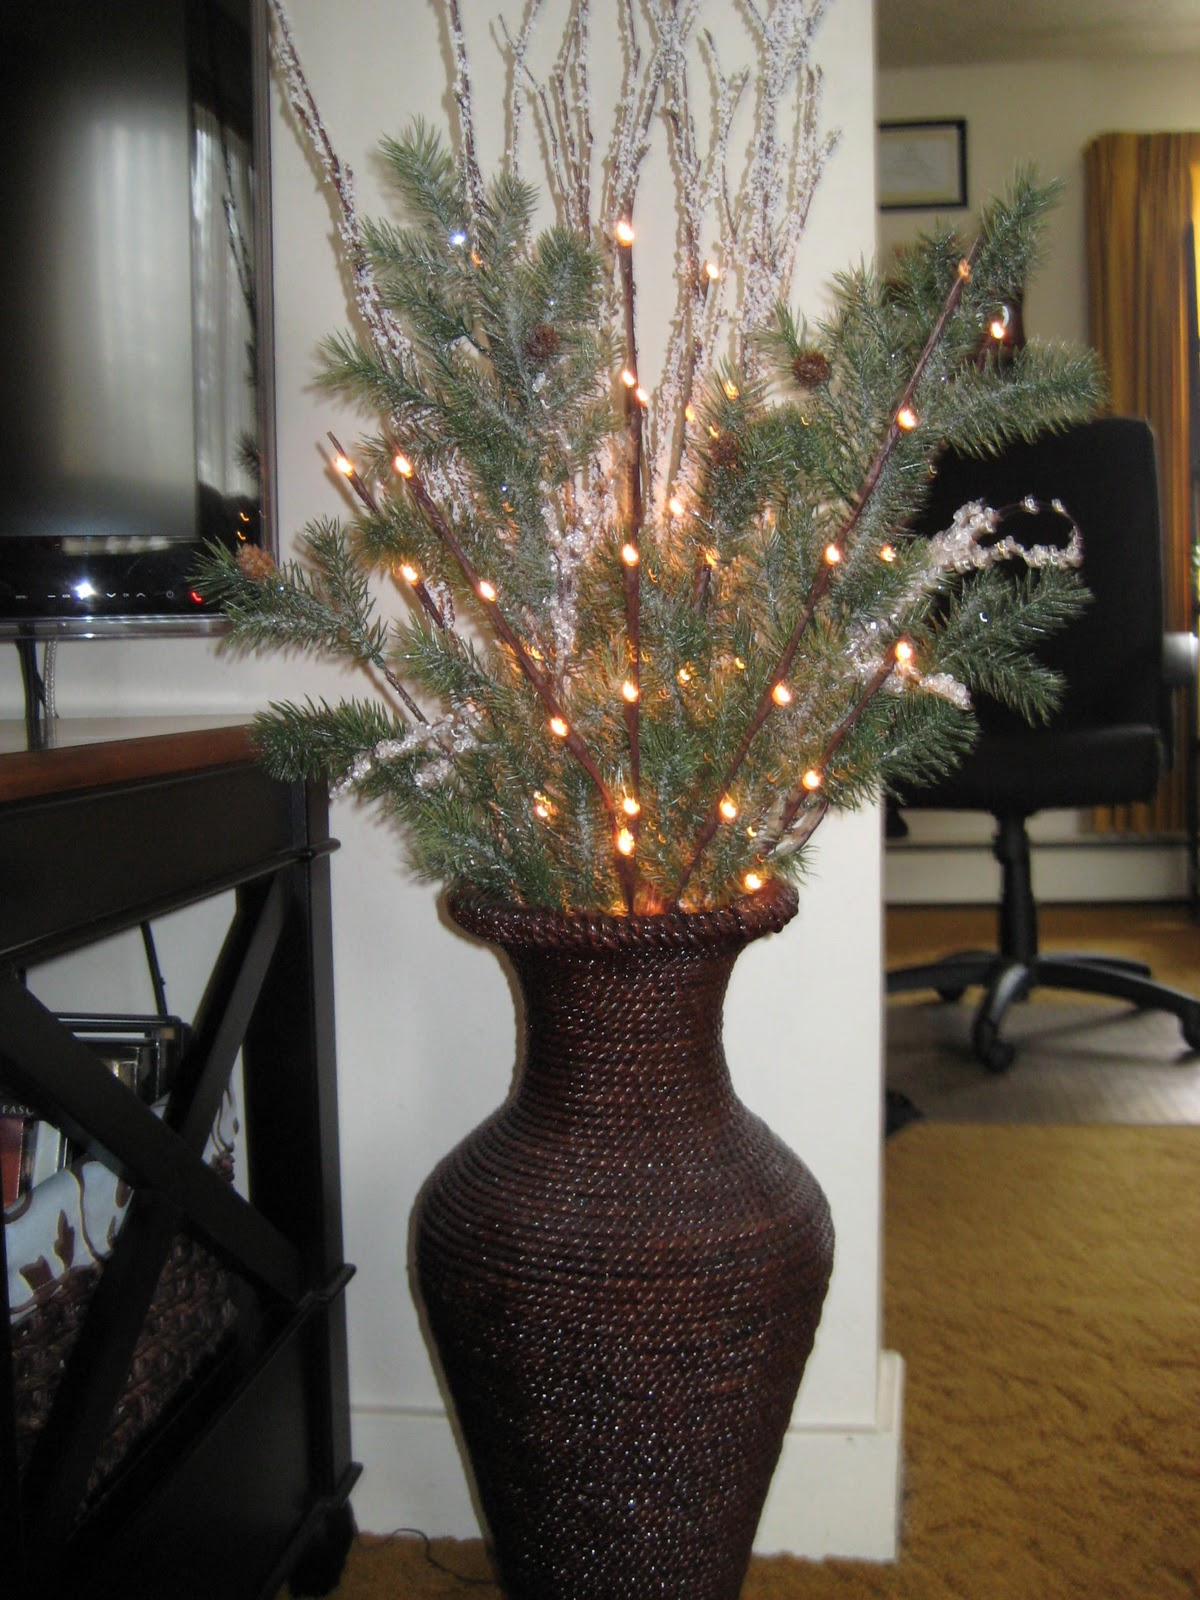 Simply Sophisticated: Home Decor Seasonal Floor Vase Display